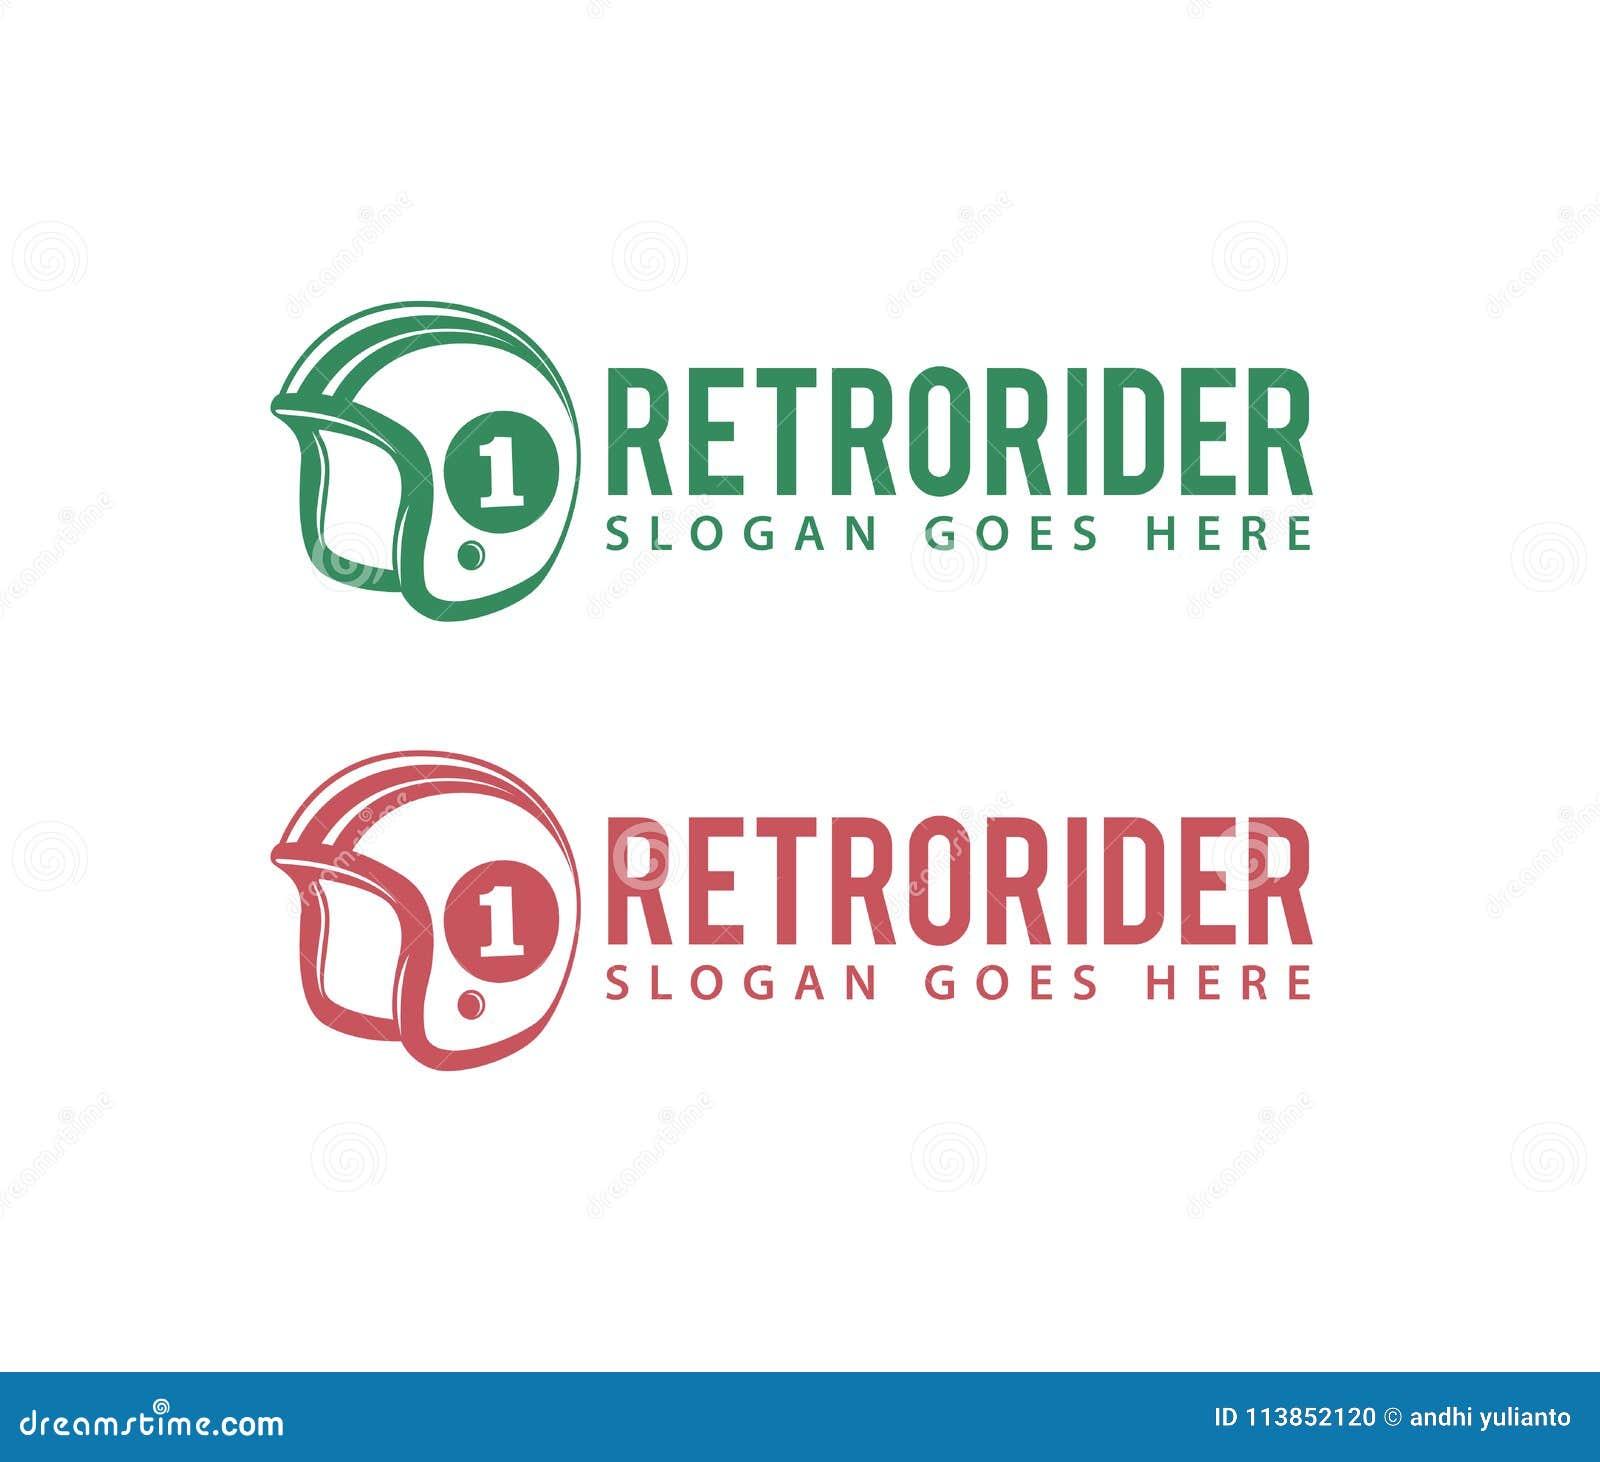 Retro Motorcycle Rider Enthusiast Shop Club Community Vector Logo